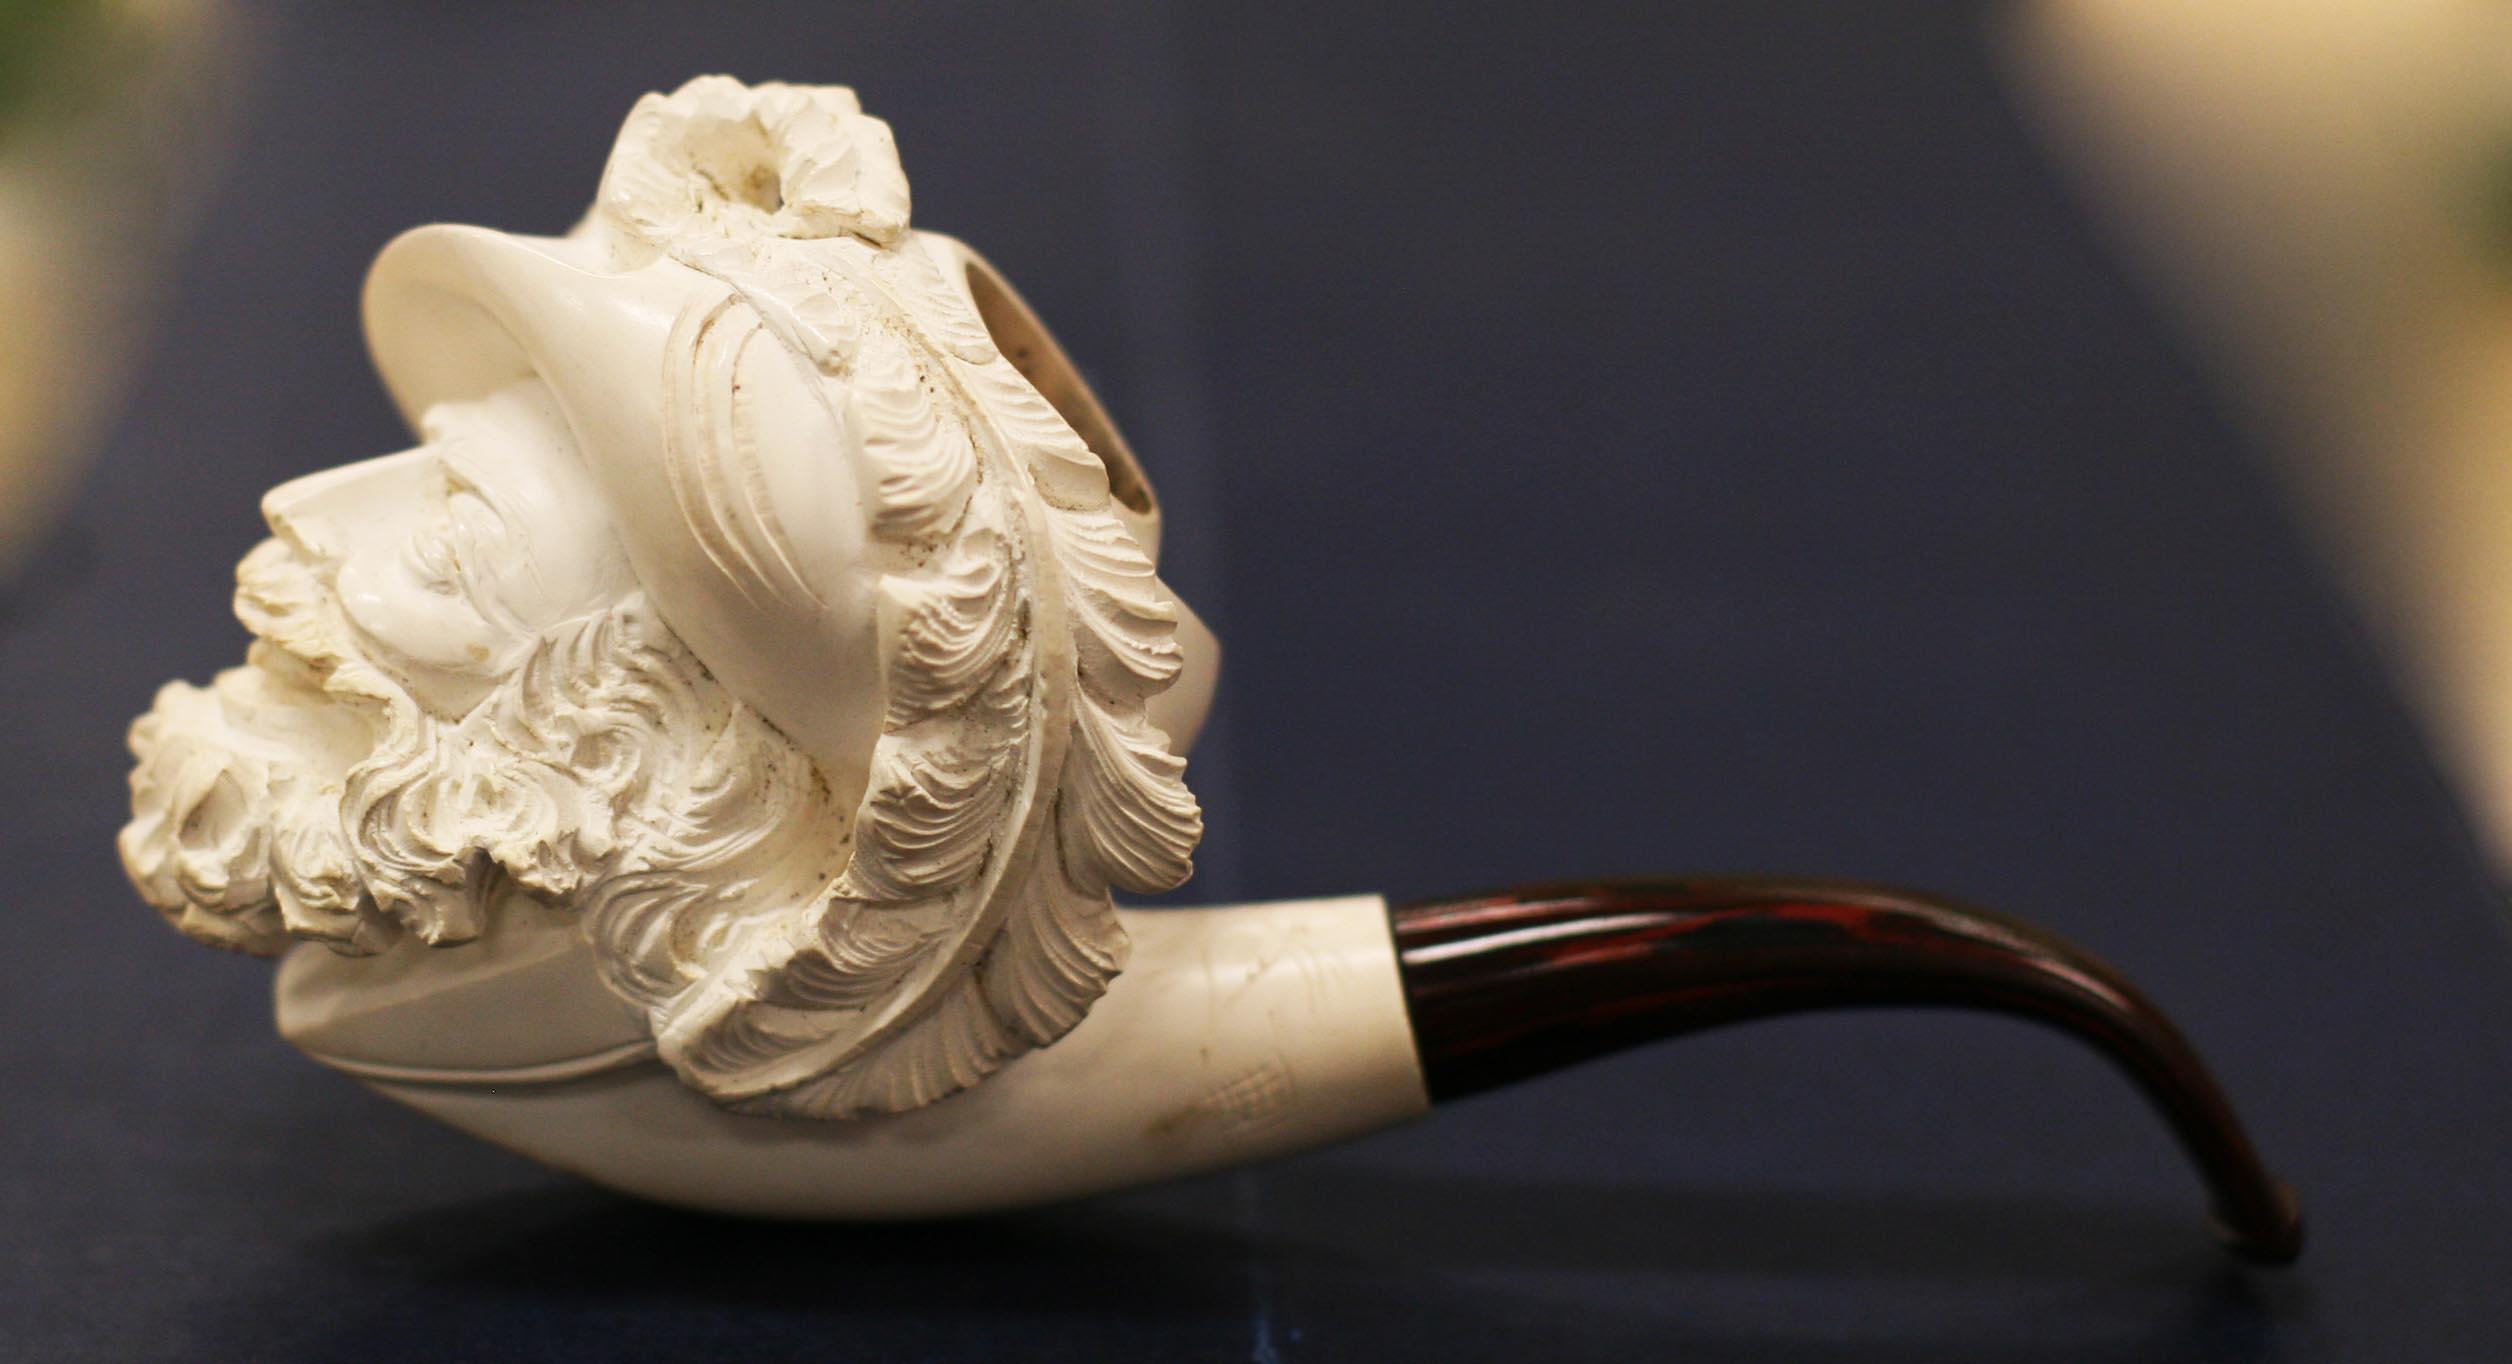 Buy Meerschaum Pipes at smokingpipes.com & Meerschaum Pipes | Buy Meerschaum Tobacco Pipes at Smokingpipes.com